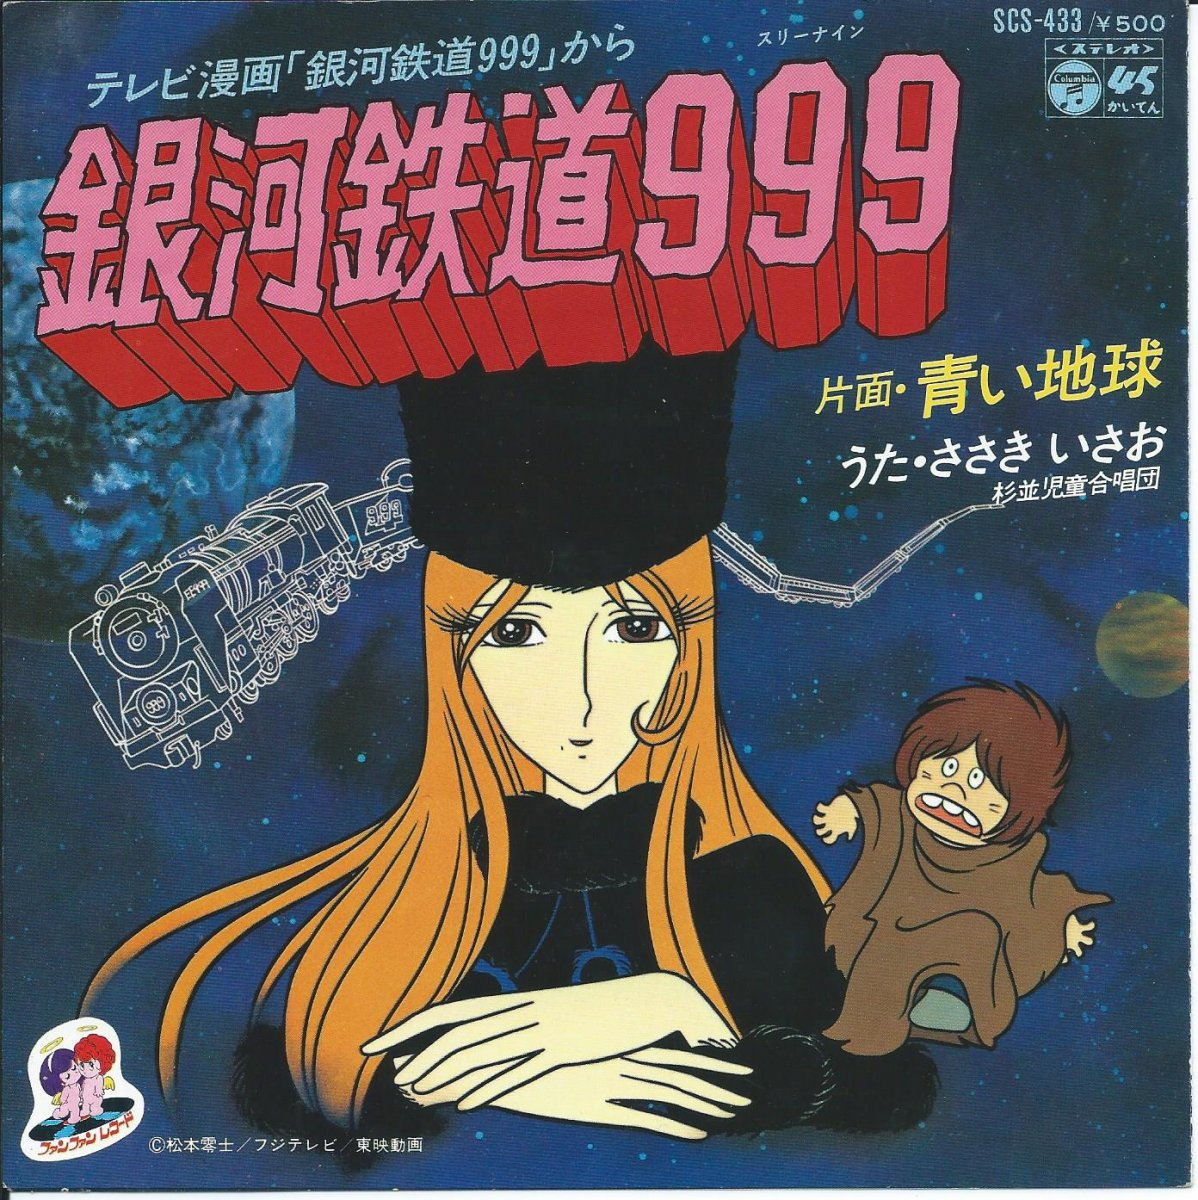 ささきいさお ISAO SASAKI / 銀河鉄道999 / 青い地球 (7